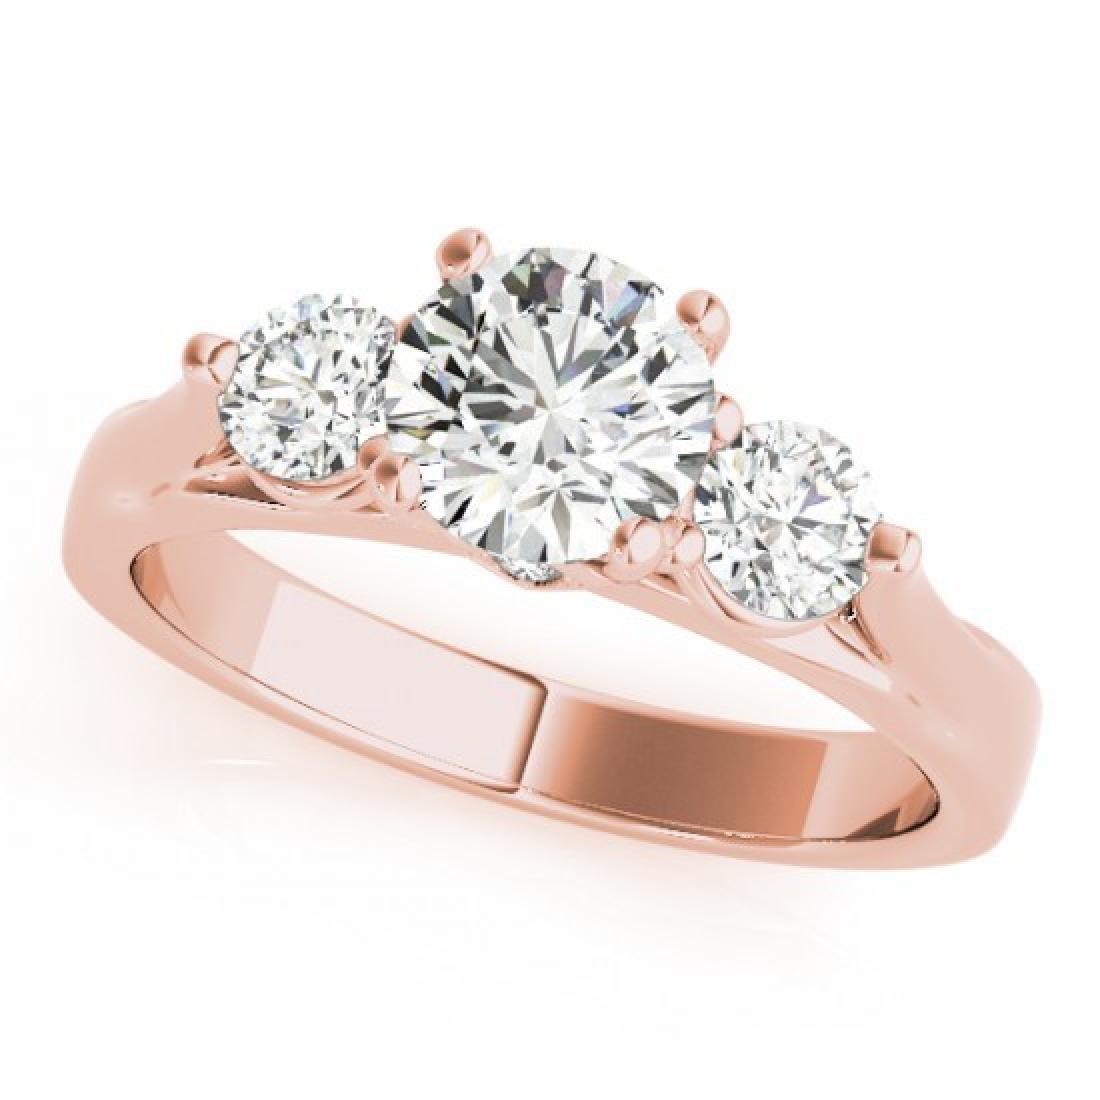 1.25 CTW Certified VS/SI Diamond 3 Stone Ring 14K Rose